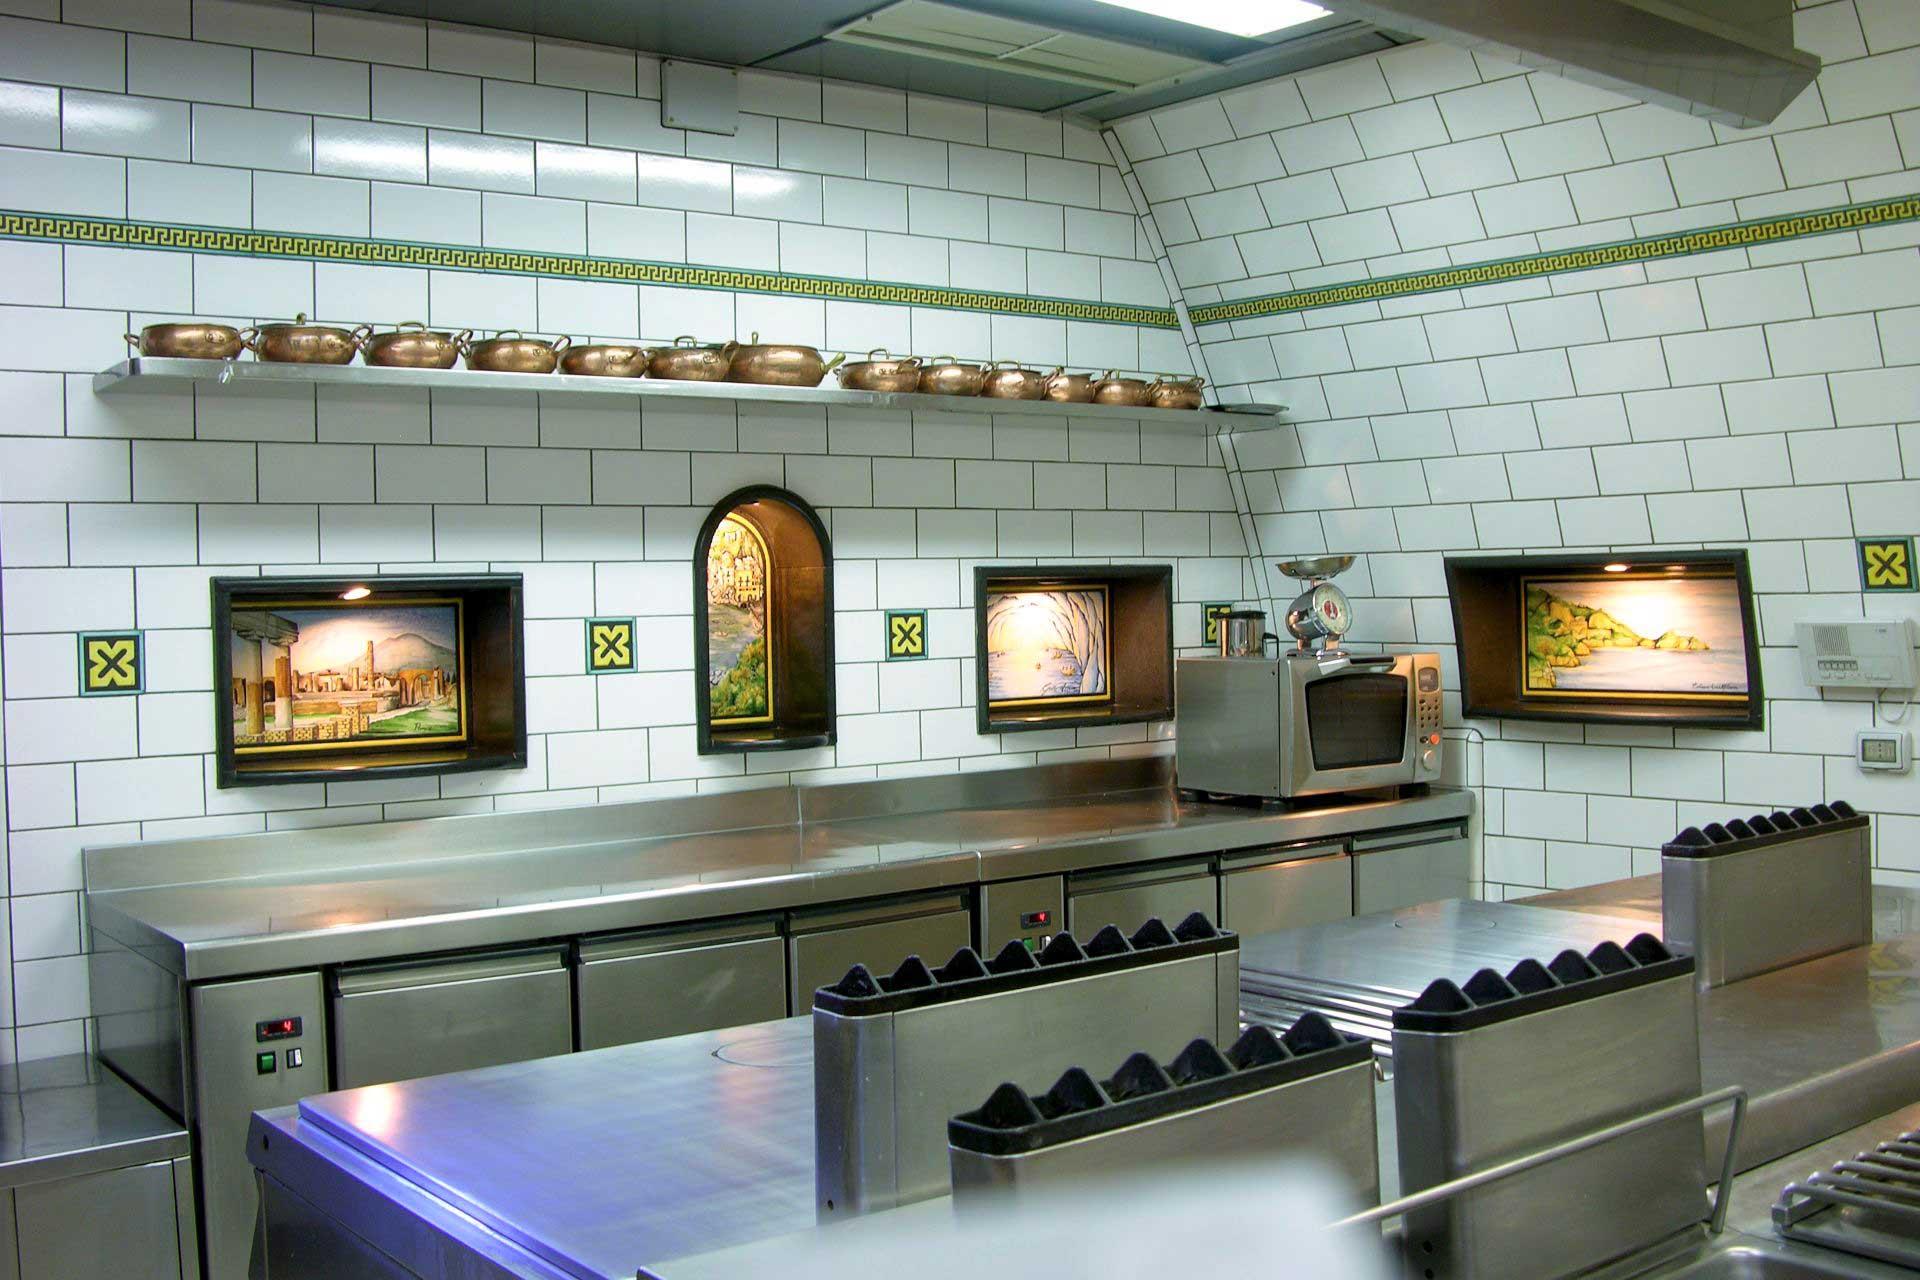 Good Kitchen The Kitchen Ristorante Lantica Trattoria In Sorrento